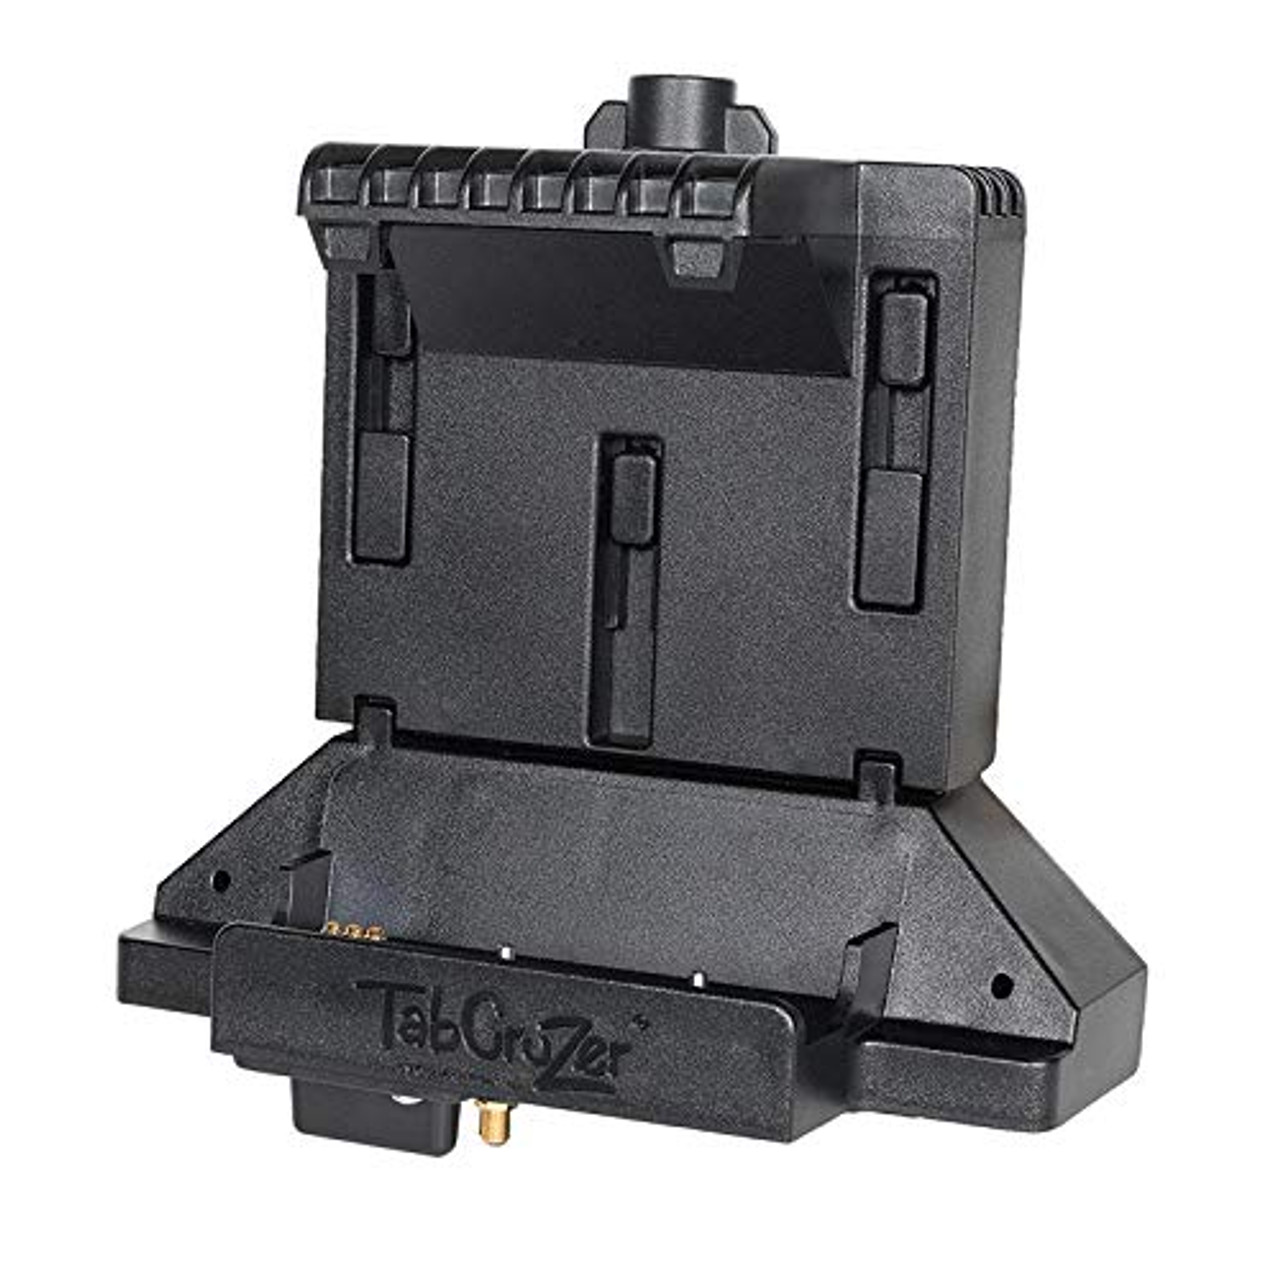 Getac T800 Cradle (No Port Replication) (7160-0583-XX) | 0427XHXSXGB